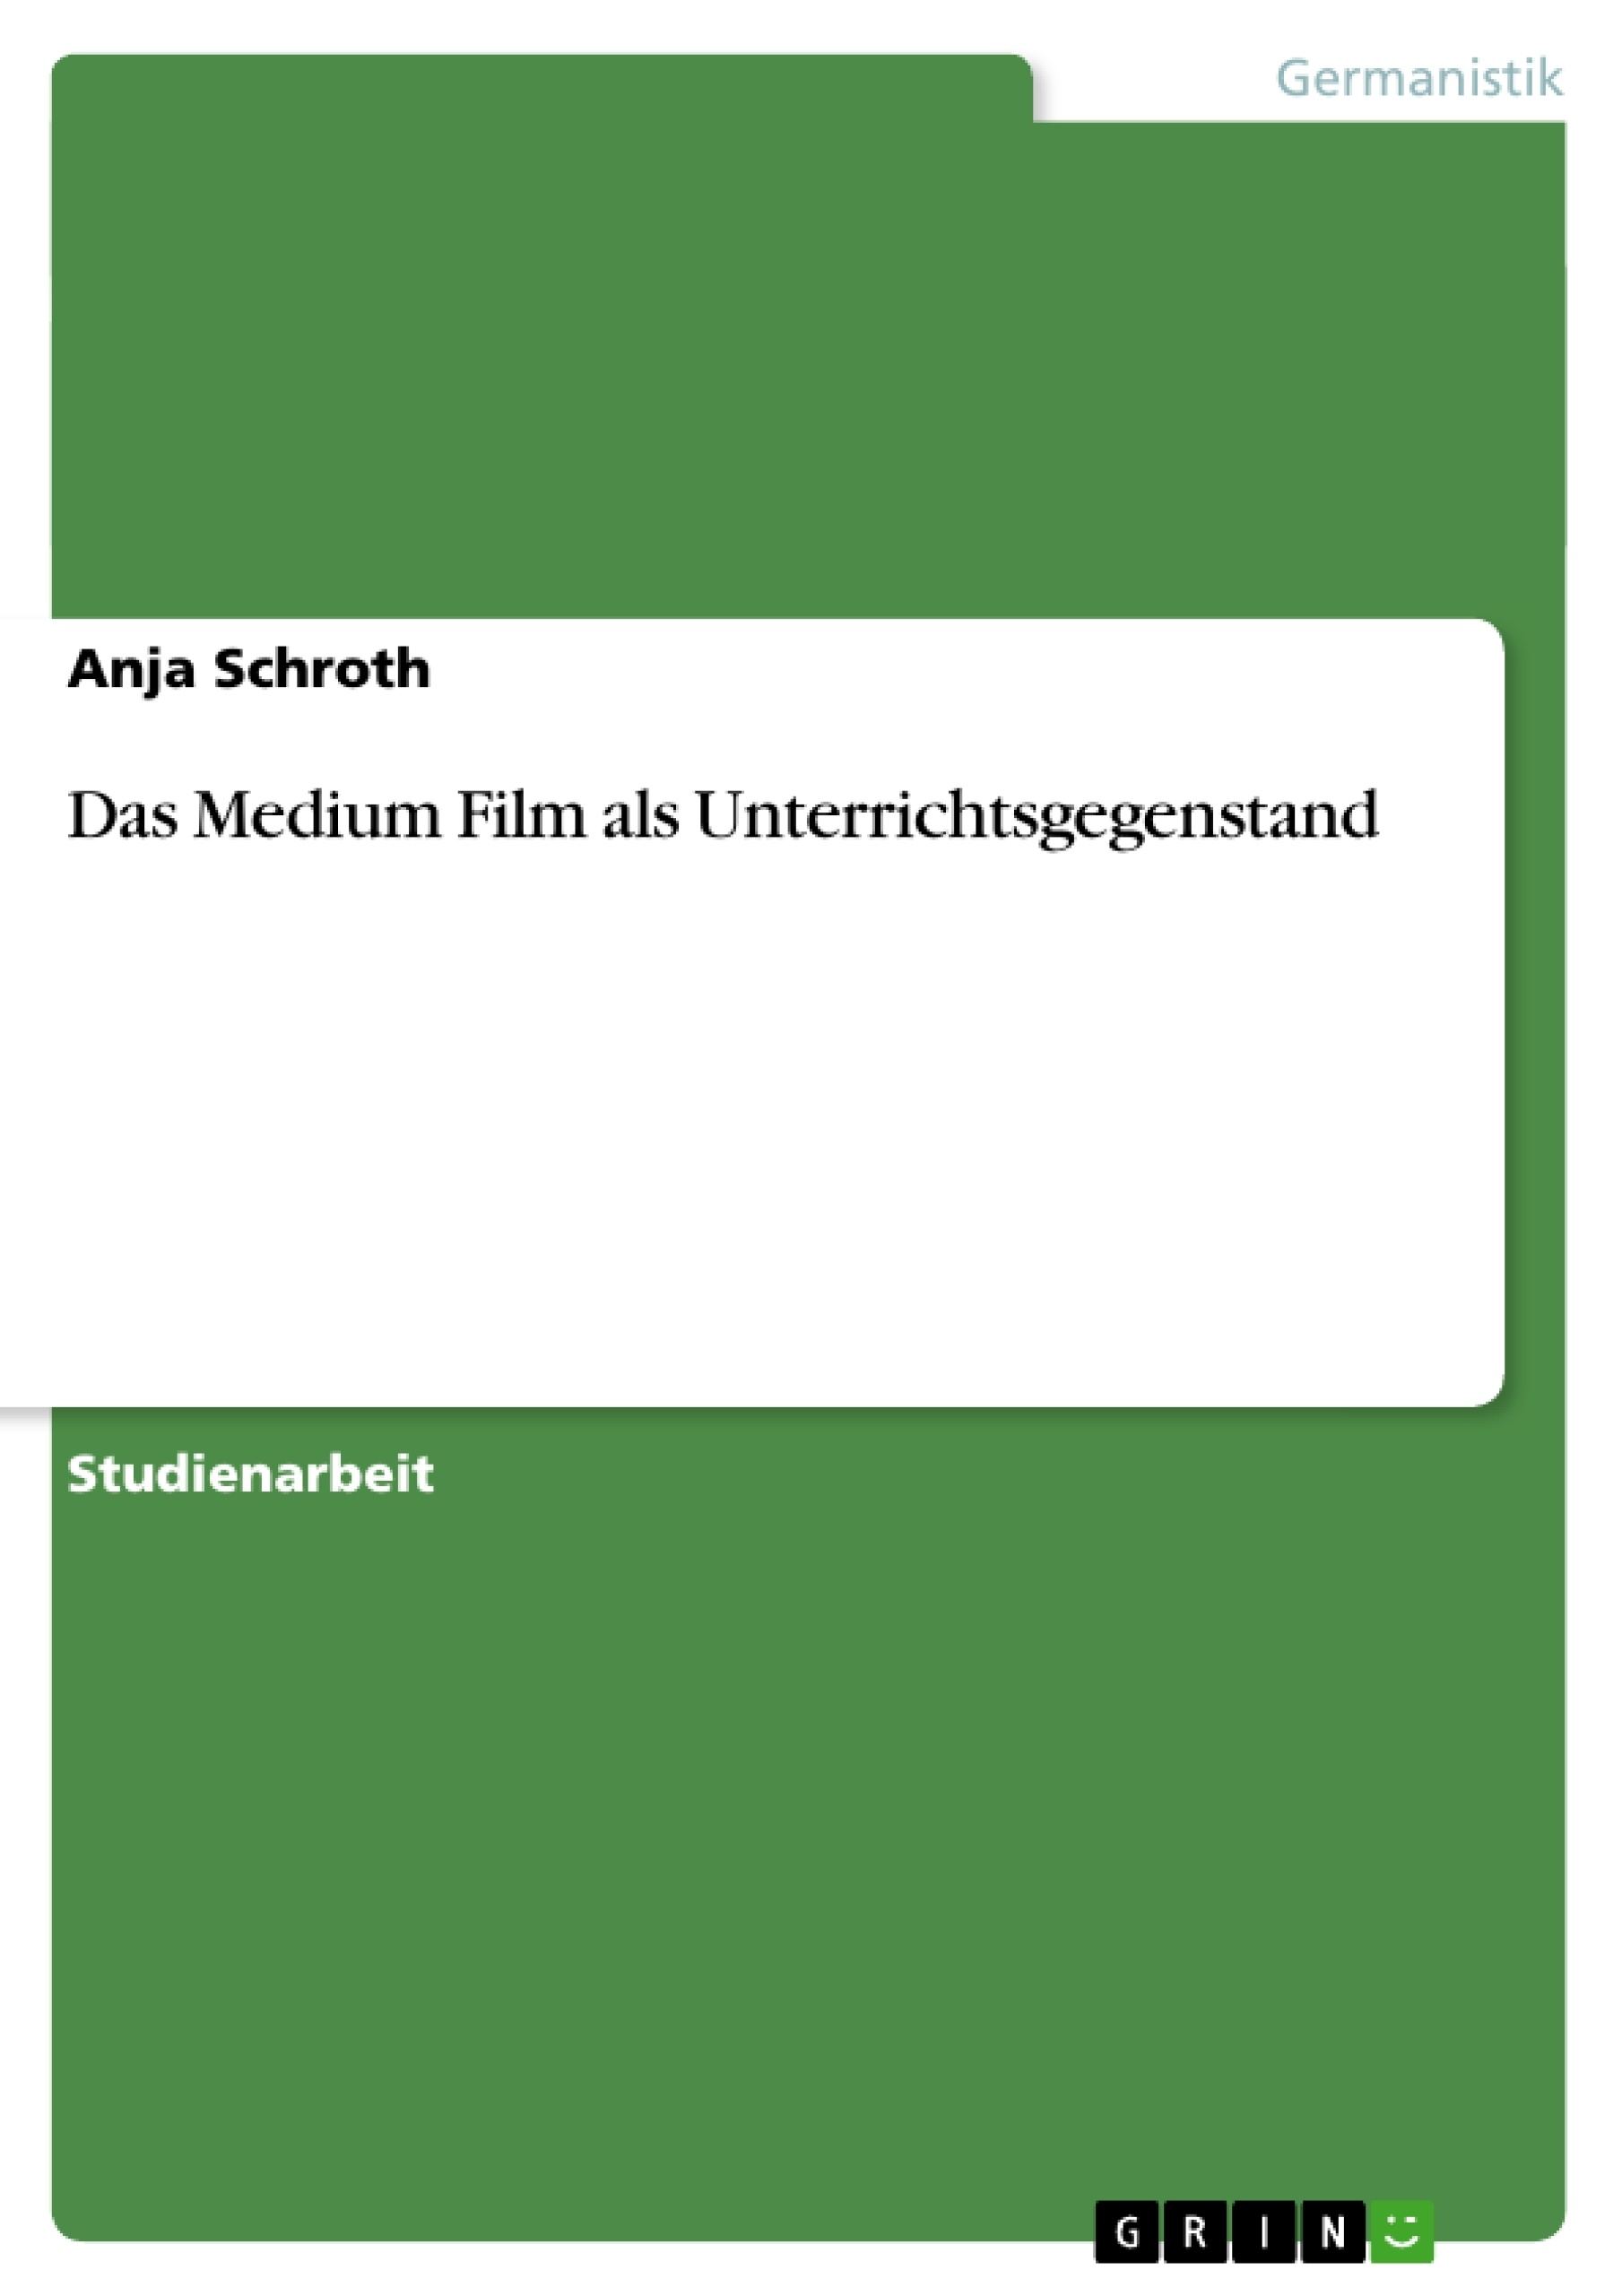 Titel: Das Medium Film als Unterrichtsgegenstand